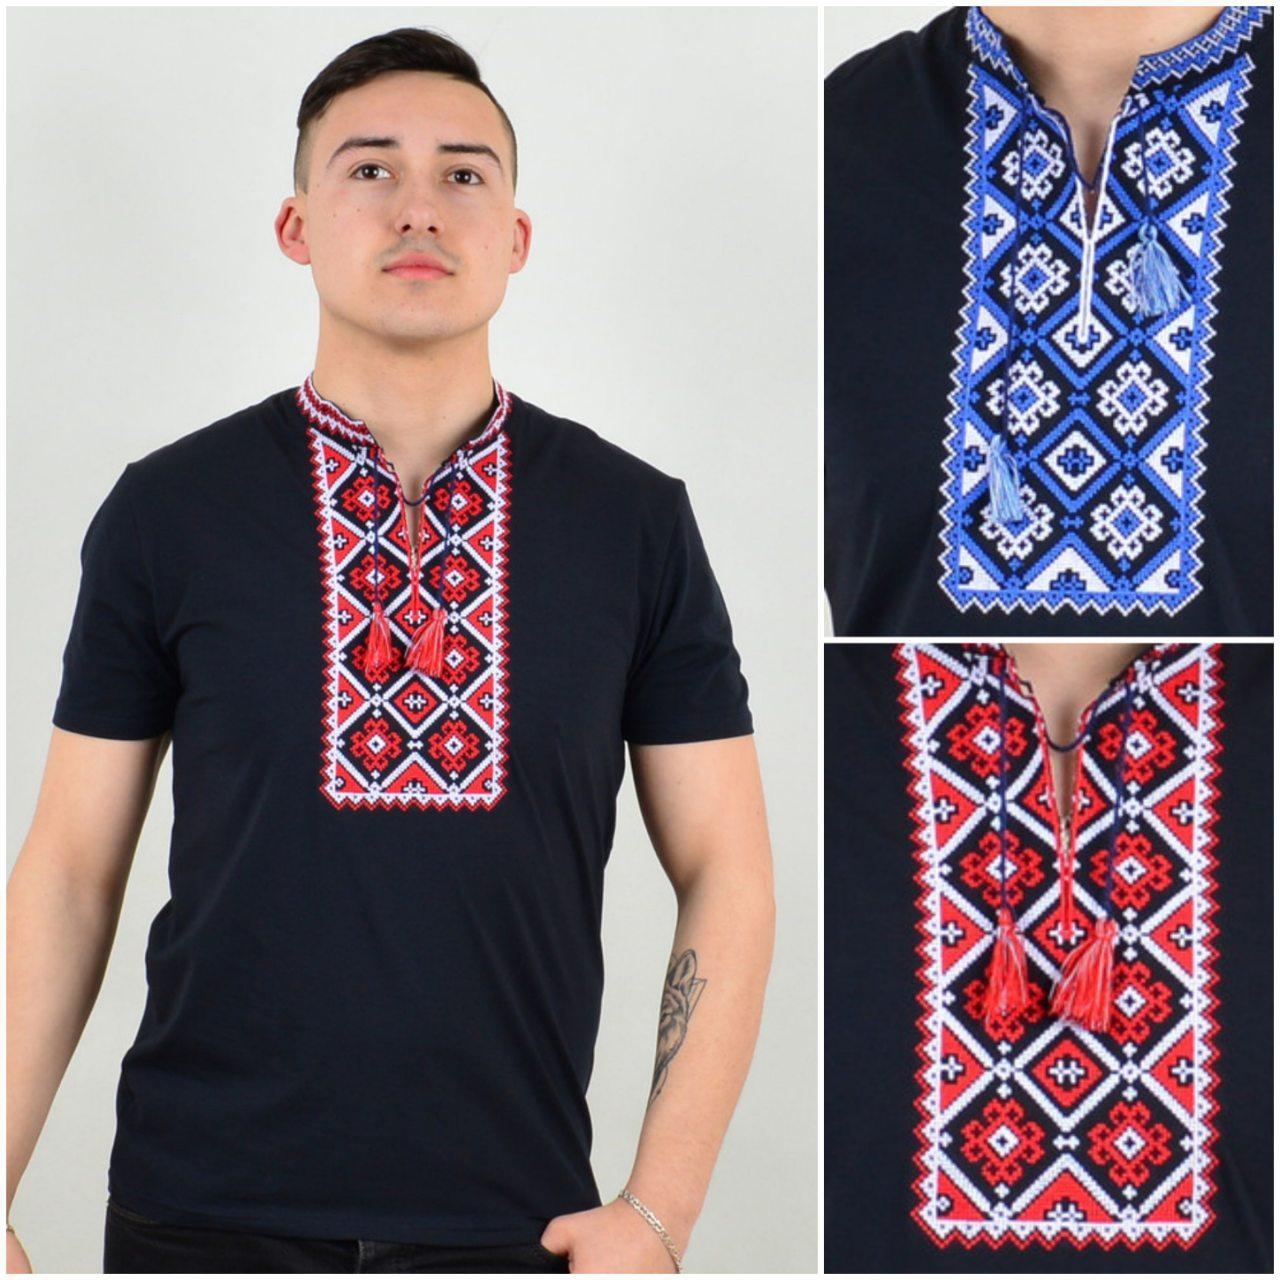 Трикотажная футболка с вышивкой для мужчин, разные цвета, S-3XL р-ры, 245/215 (цена за 1 шт. + 30 гр.)